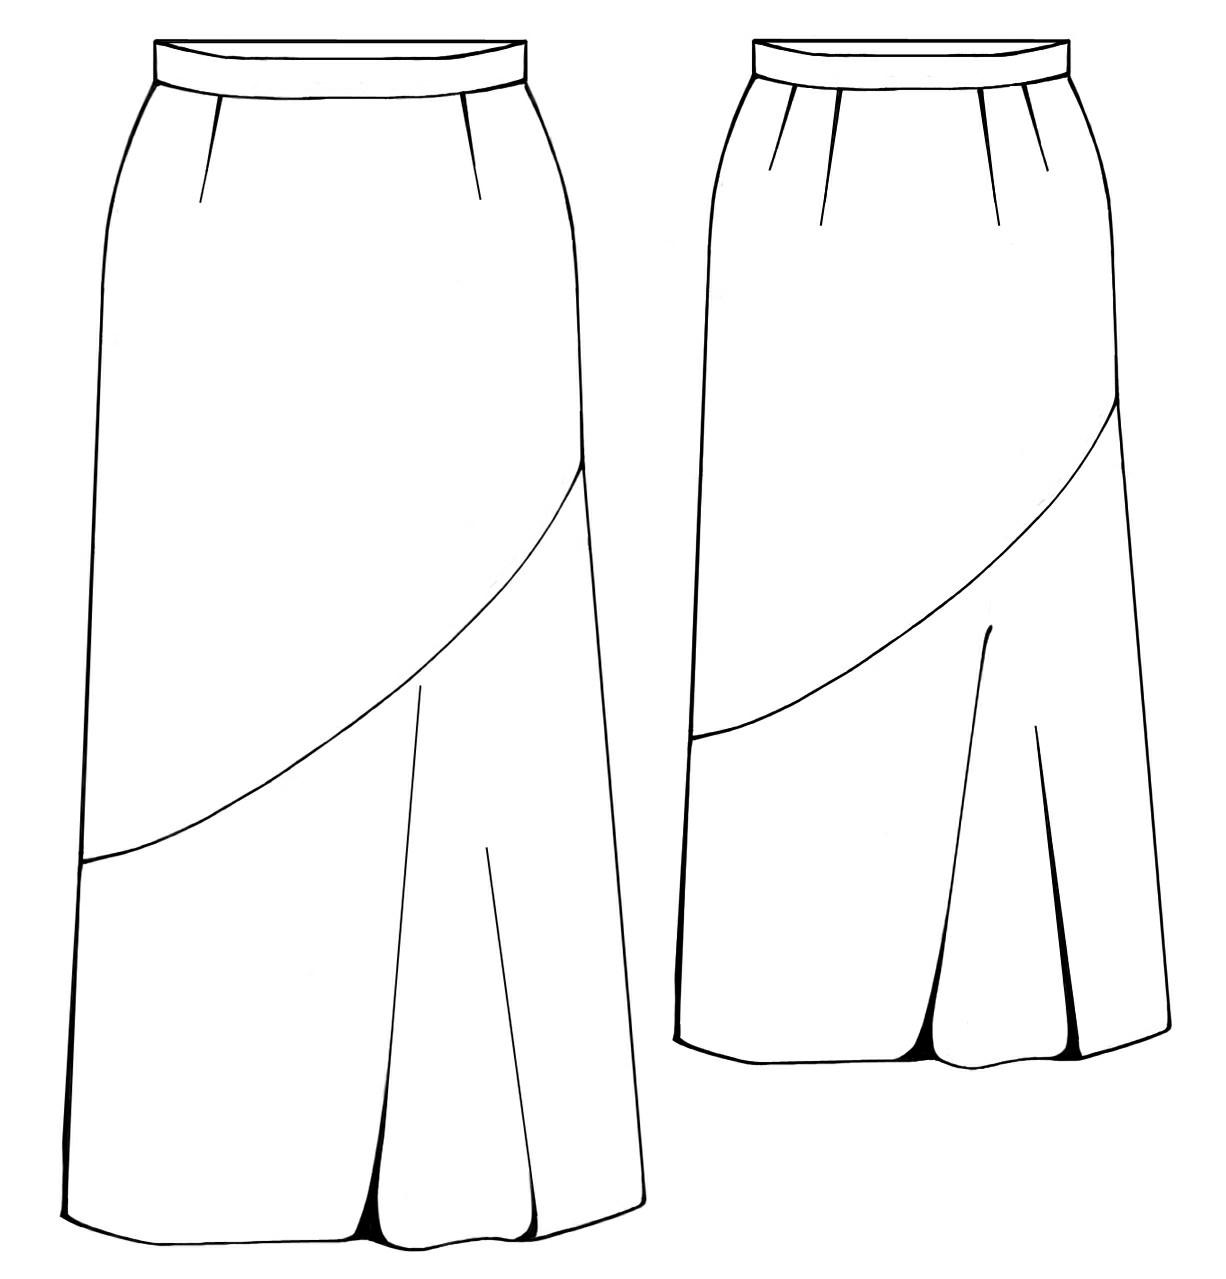 депо, модные юбки и выкройки в картинках течение